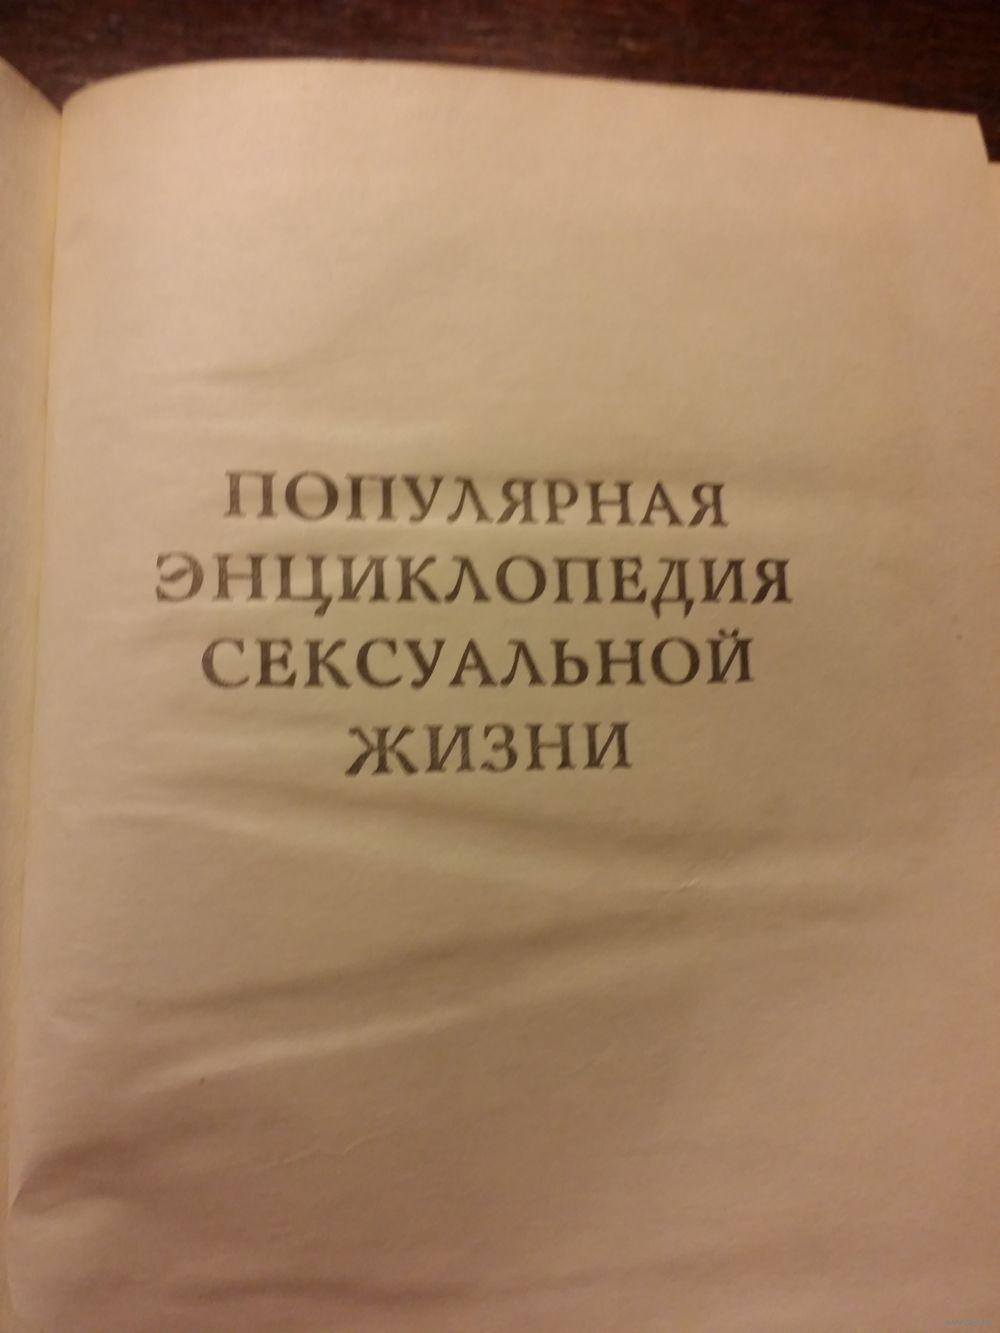 Секс глазами женщины книга